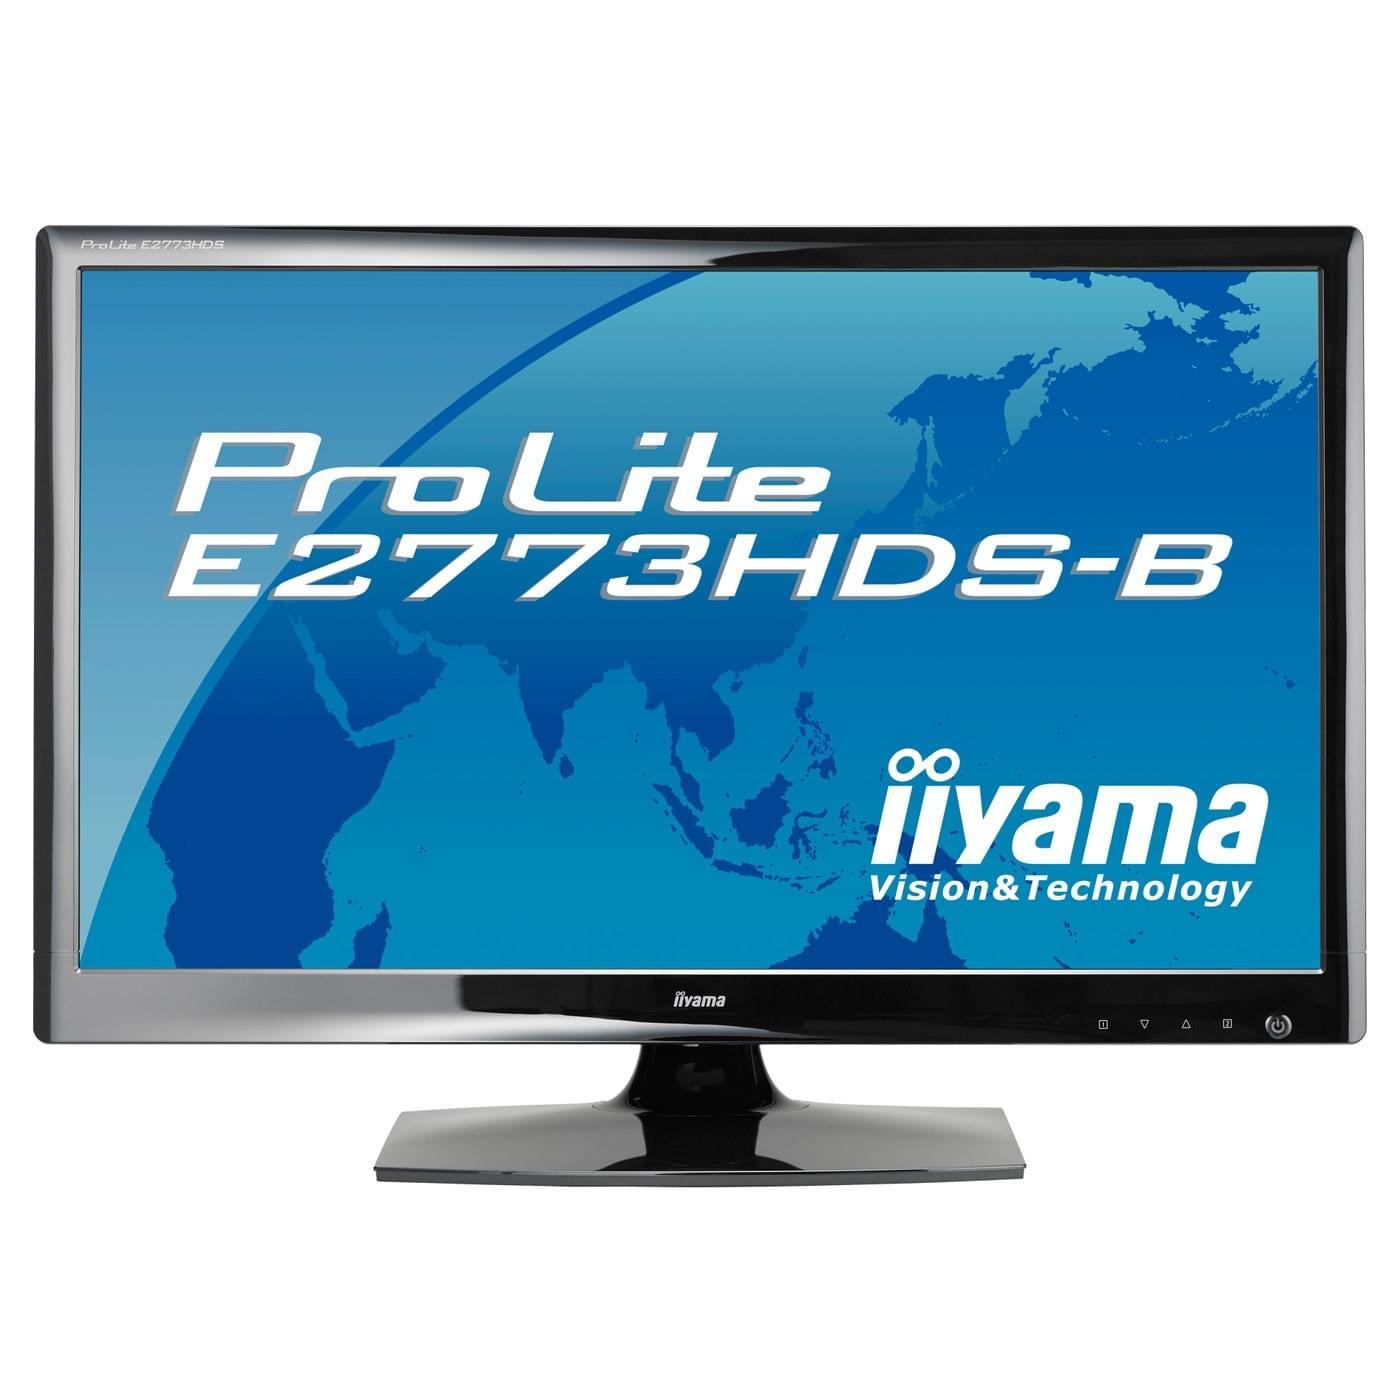 Iiyama PLE2773HDS-B1 (PLE2773HDS-B1 obso) - Achat / Vente Ecran PC sur Cybertek.fr - 0